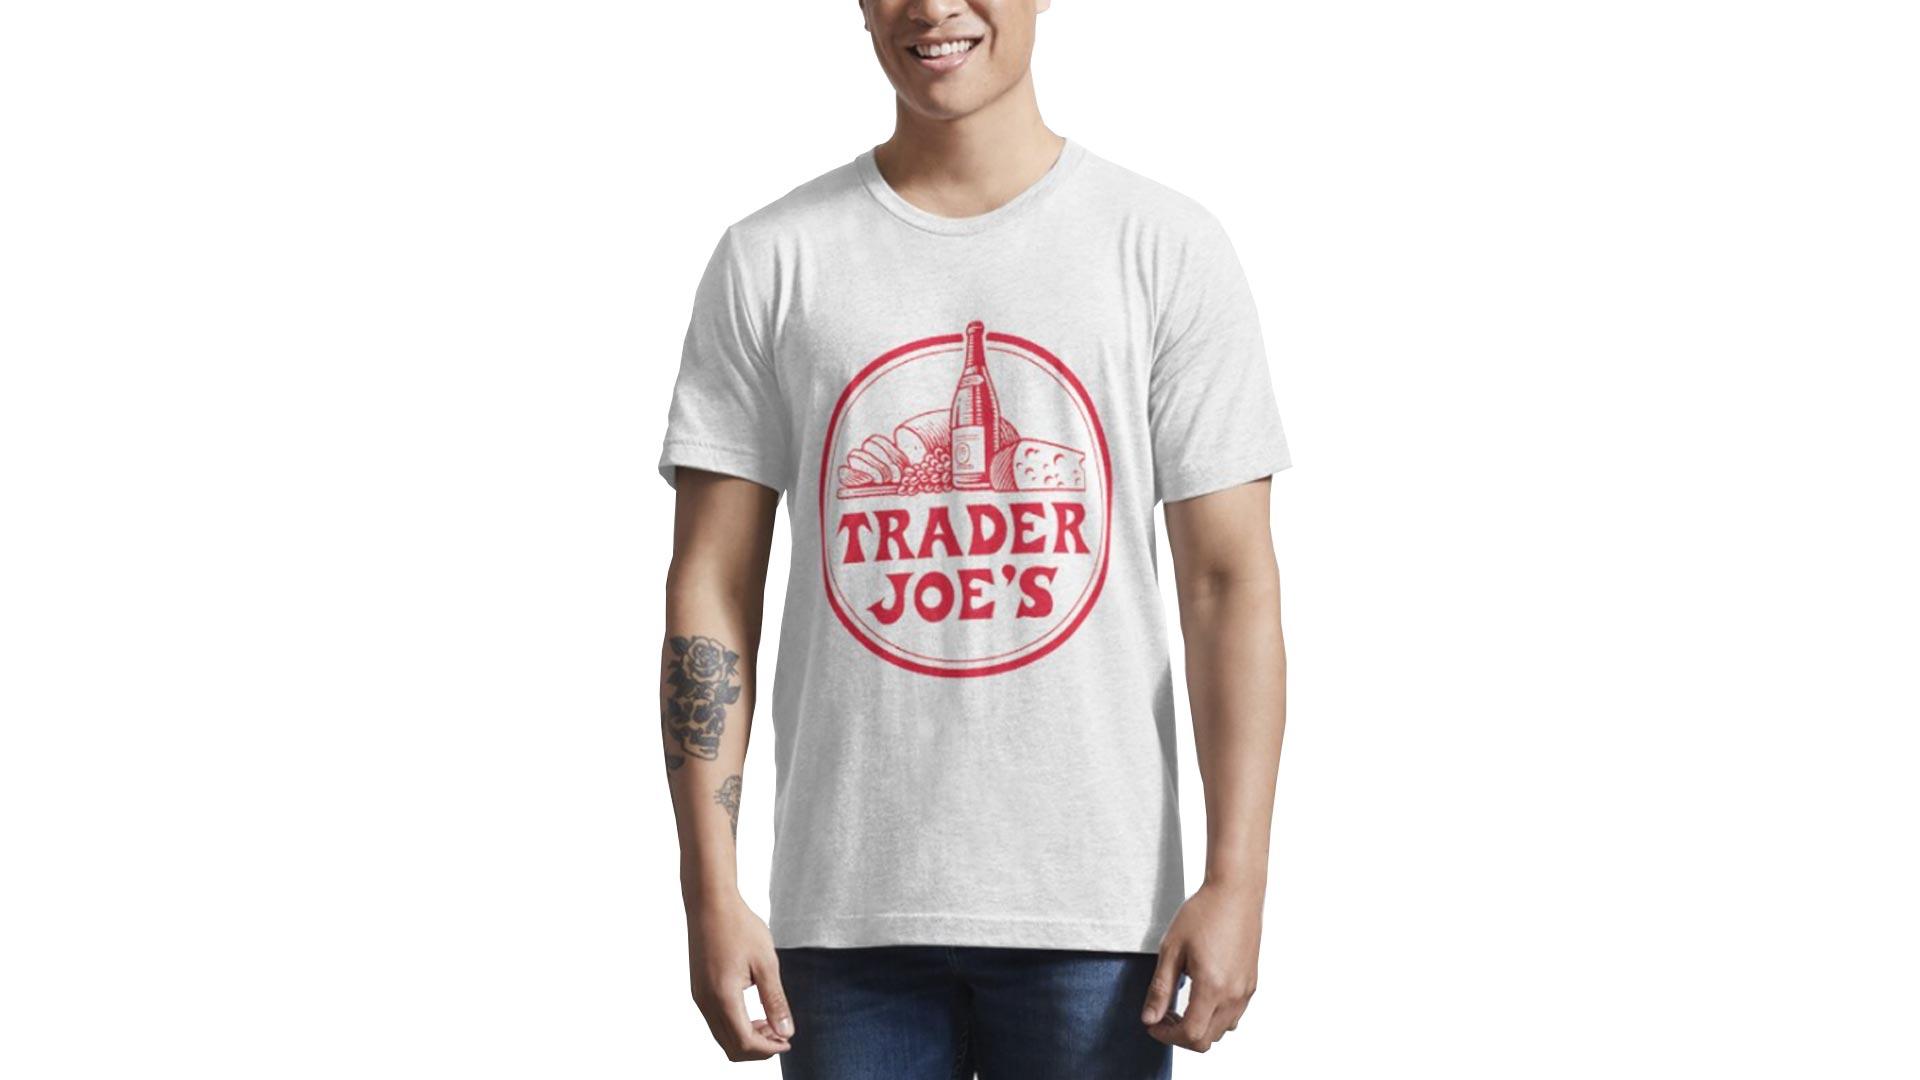 Trader Joe's Shirt